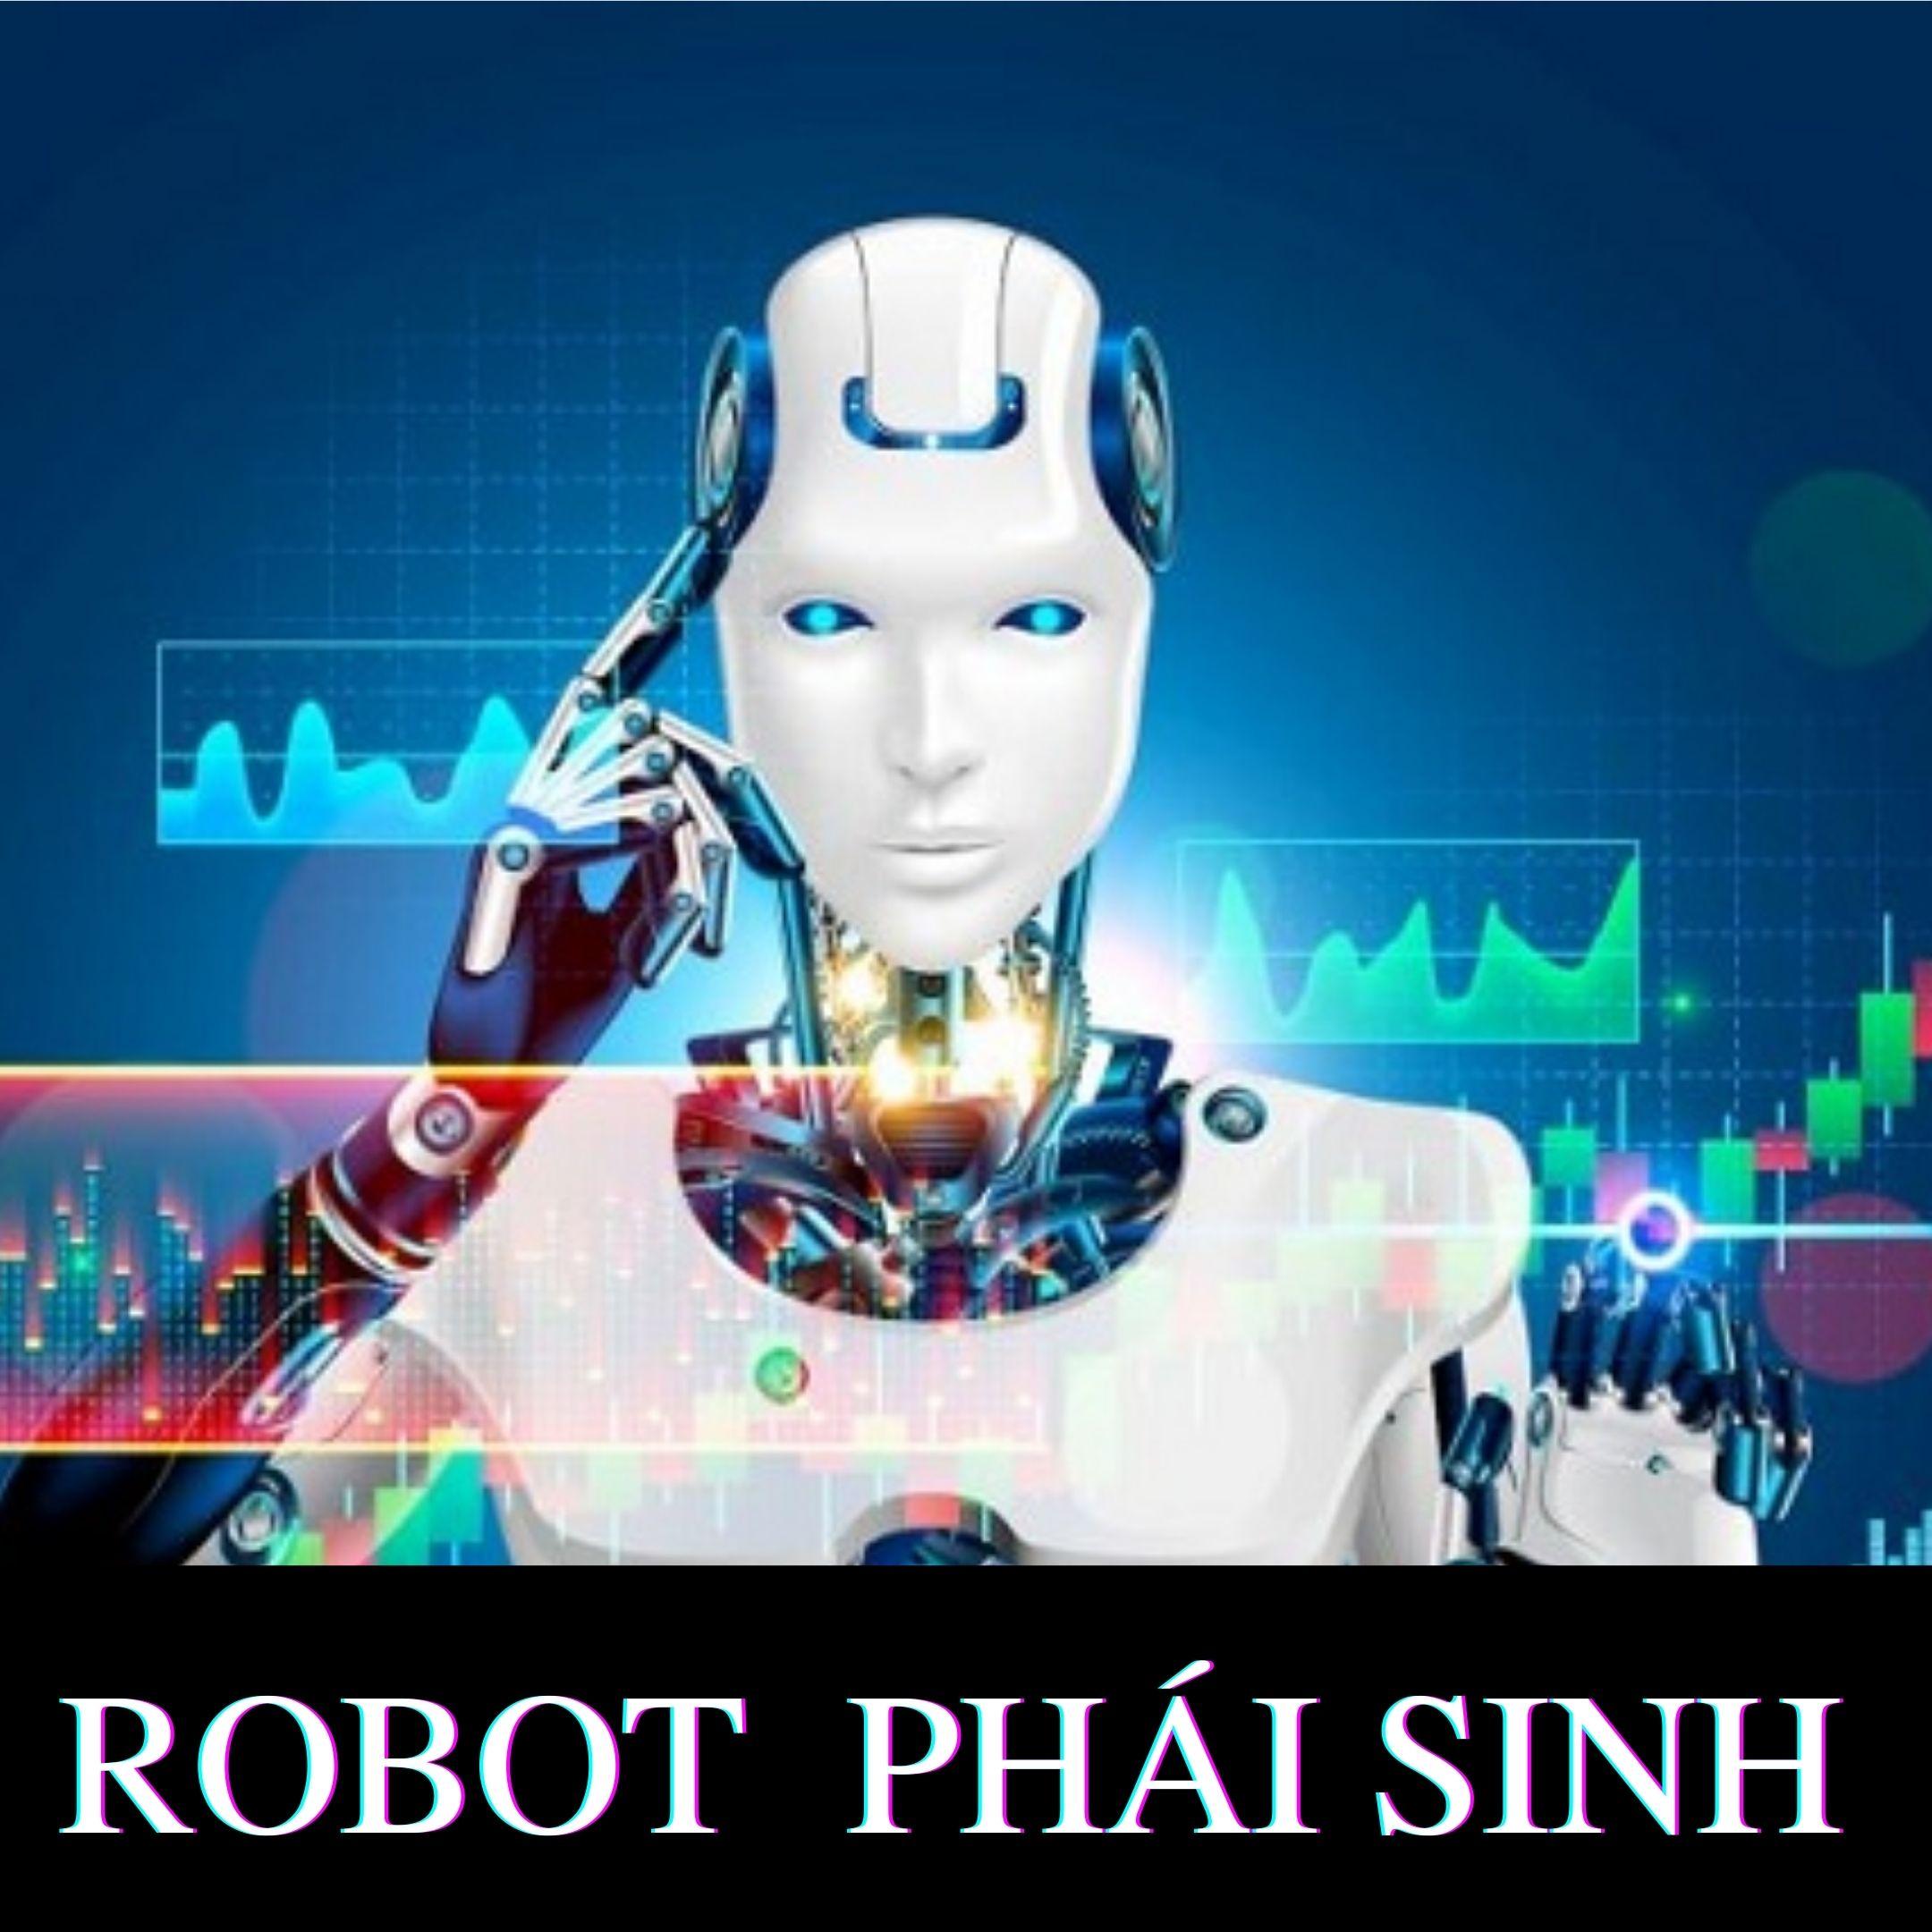 Chương trình hợp tác Robot giao dịch Chứng Khoán Phái Sinh VN30